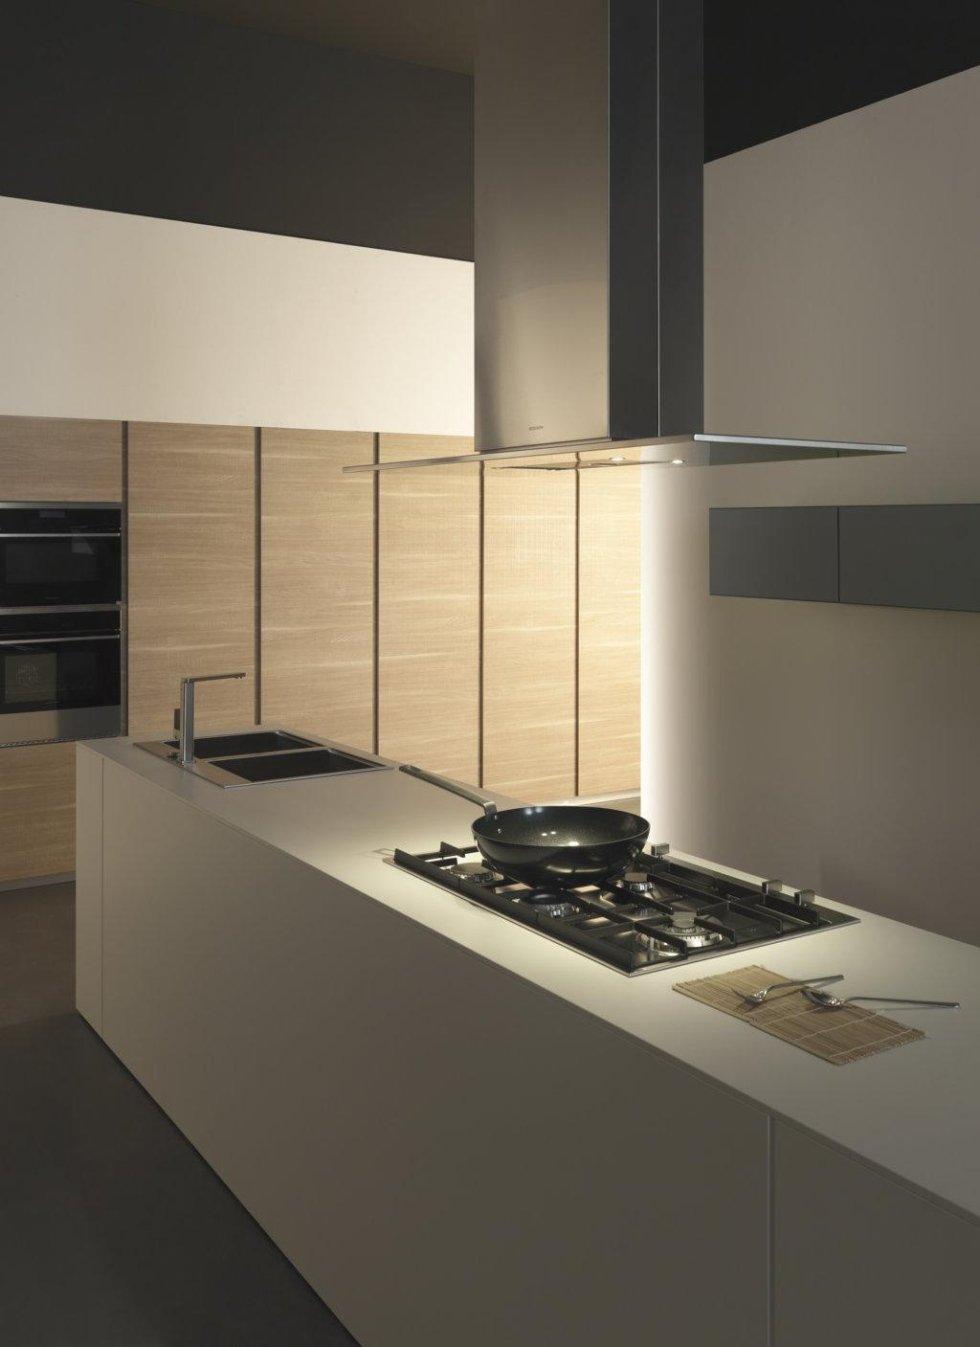 cucina moderna con acciao lavoro